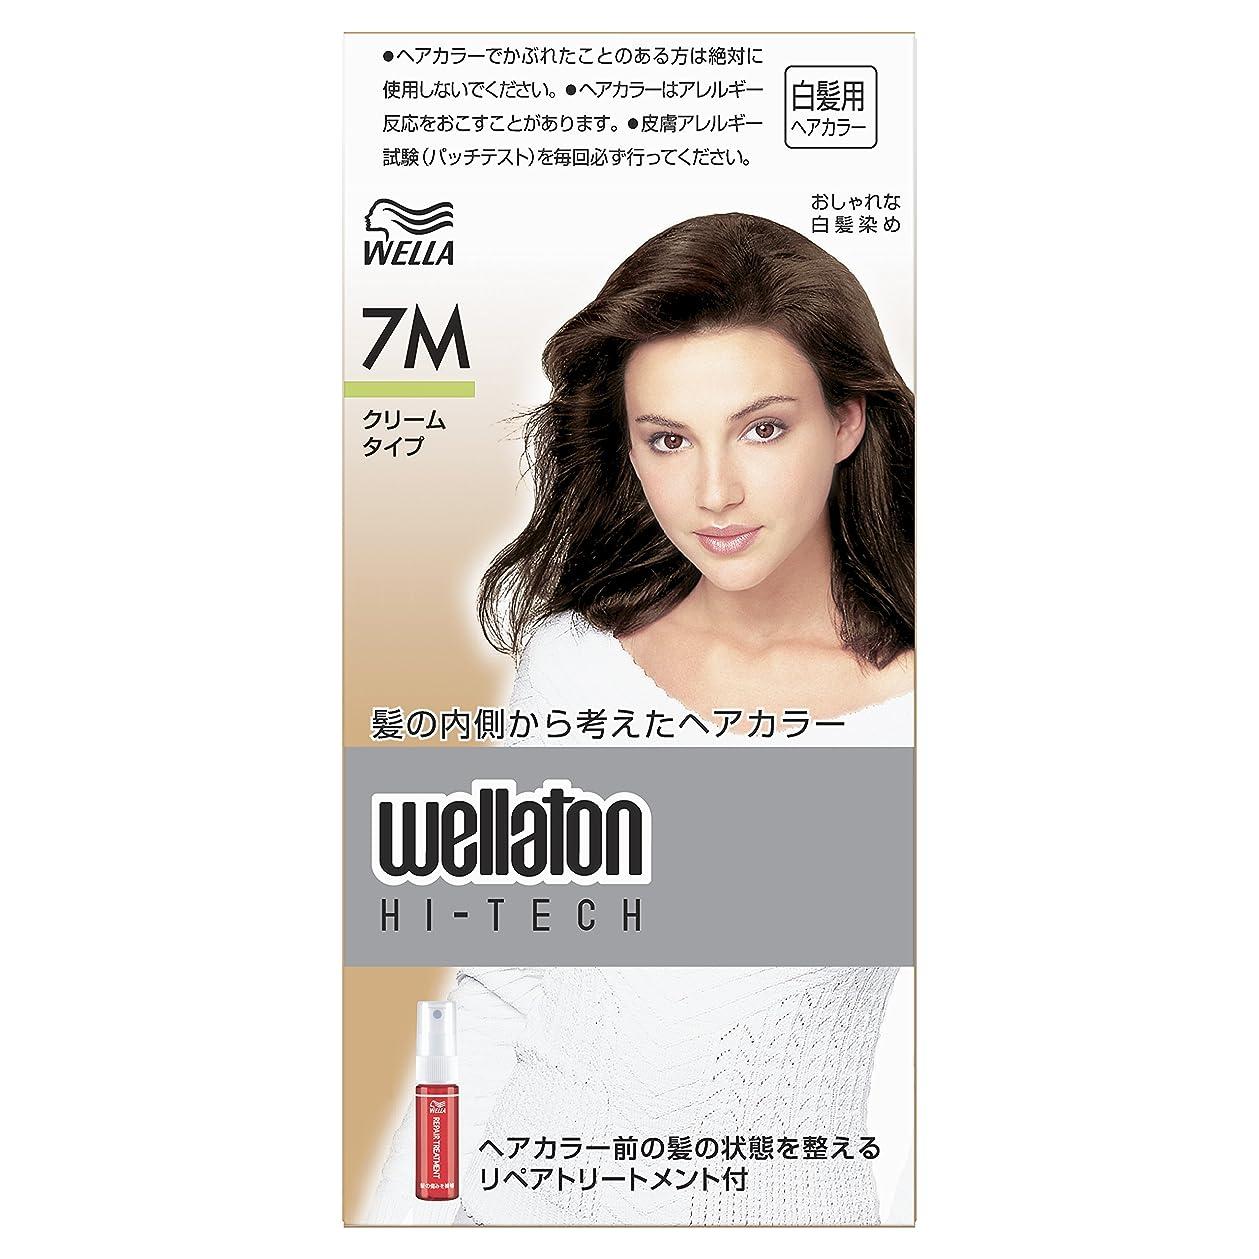 ウエラトーン ハイテッククリーム 7M [医薬部外品](おしゃれな白髪染め)